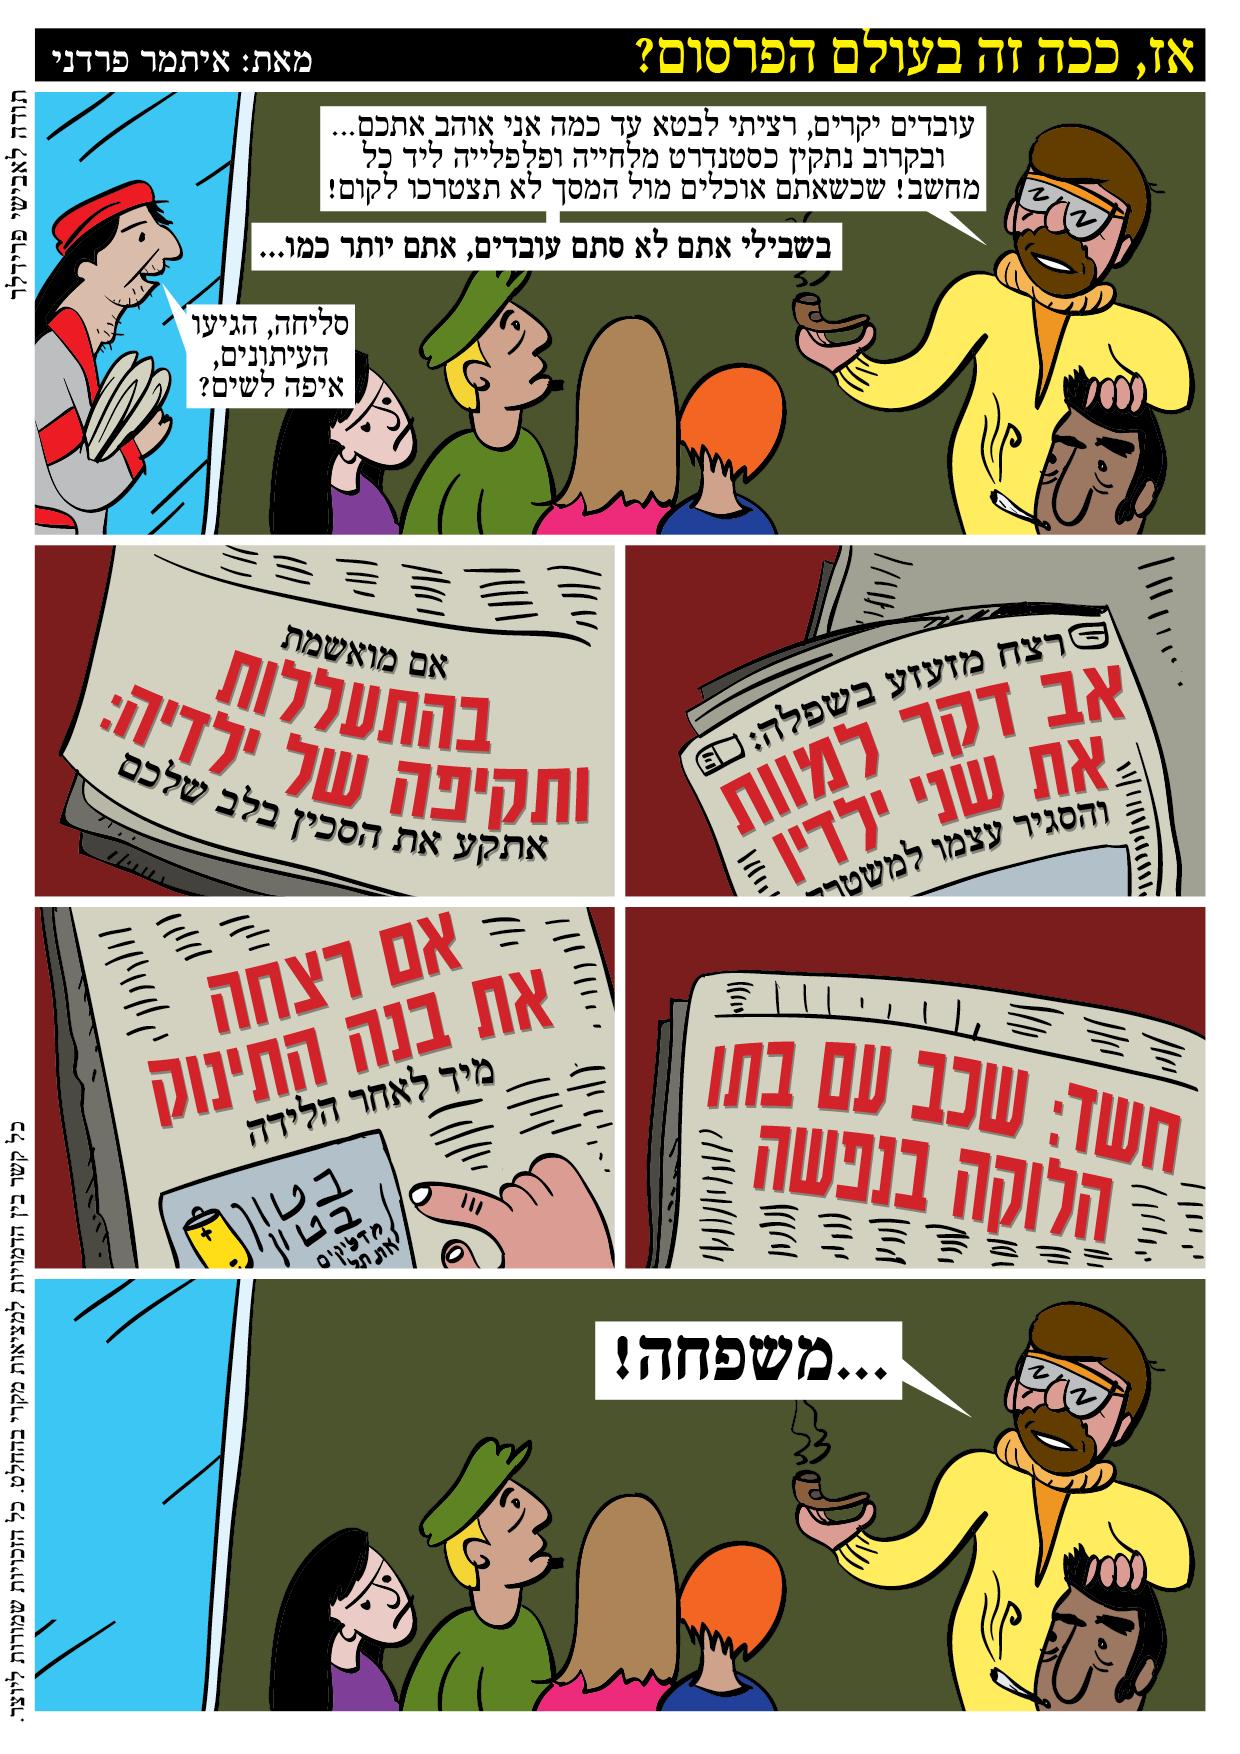 אז ככה זה בעולם הפרסום? #40 ישראל, היום